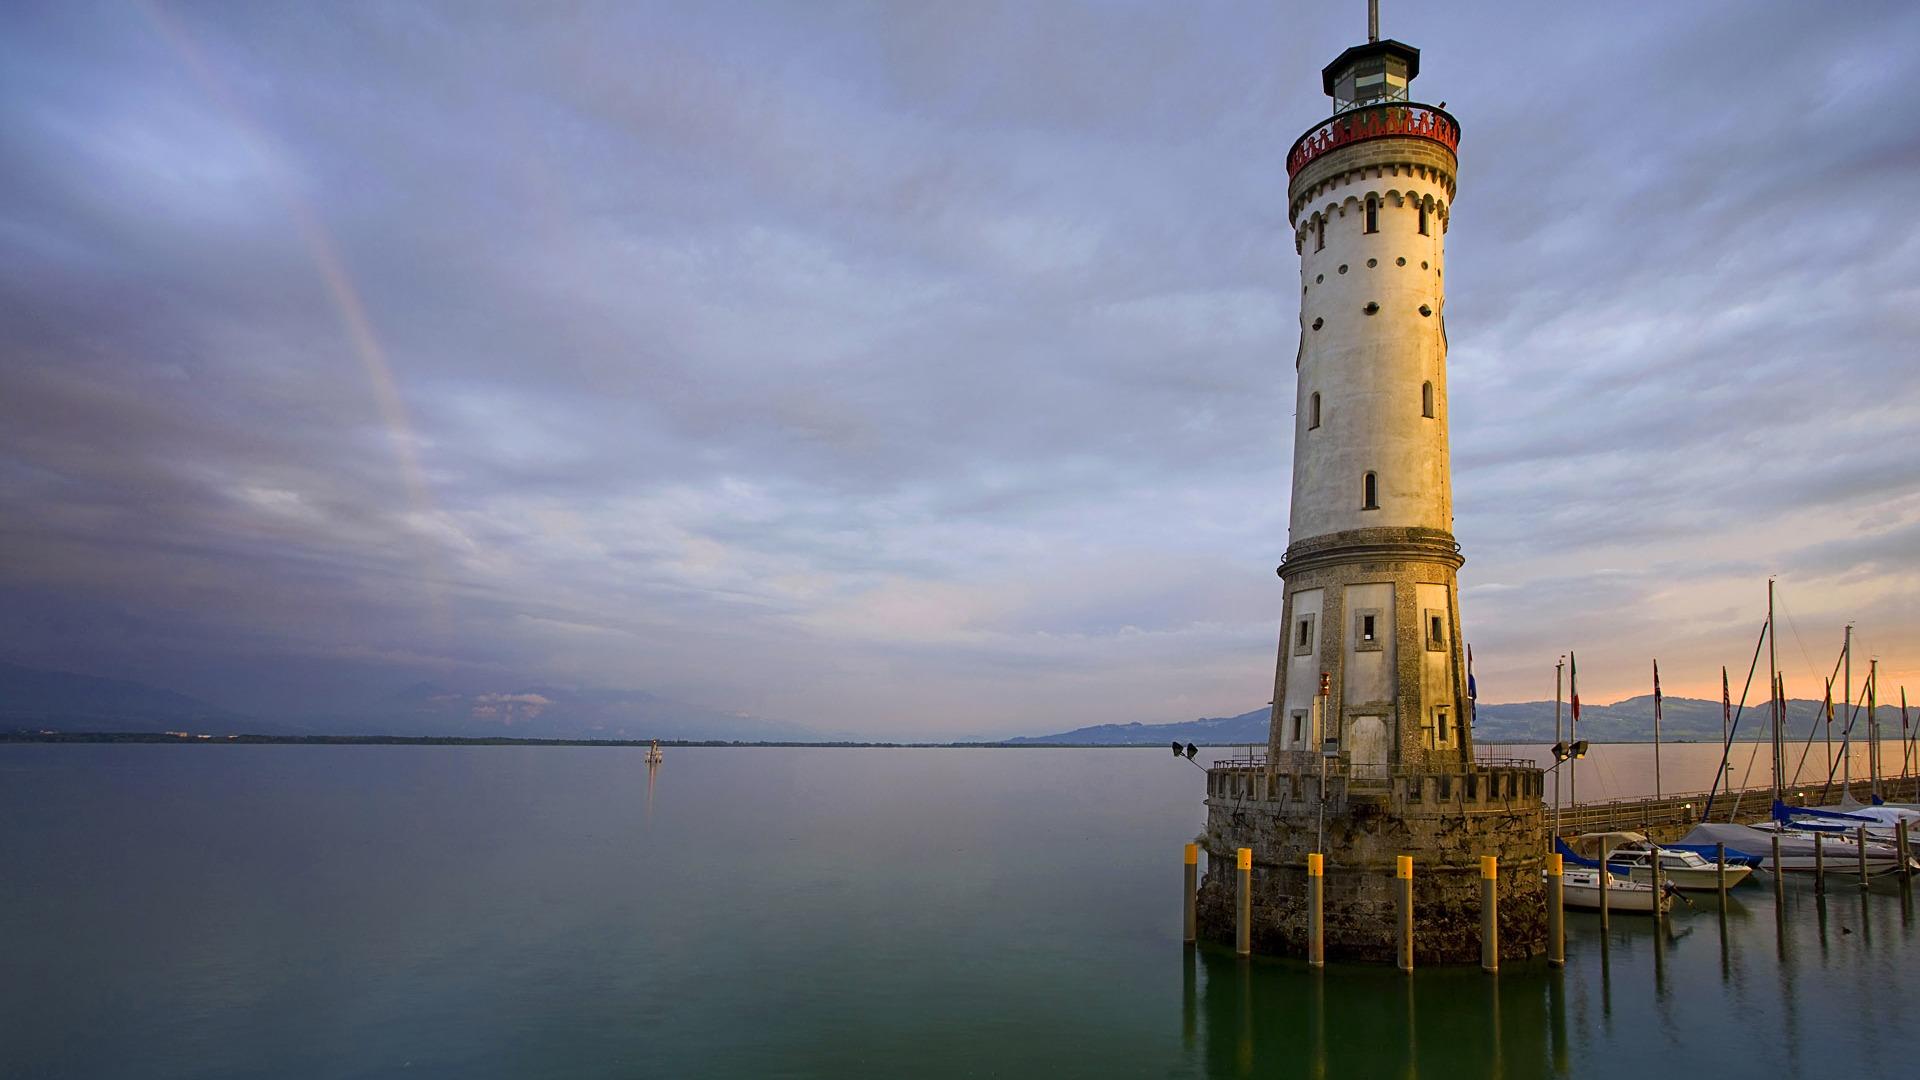 Stunning Lighthouse Wallpaper